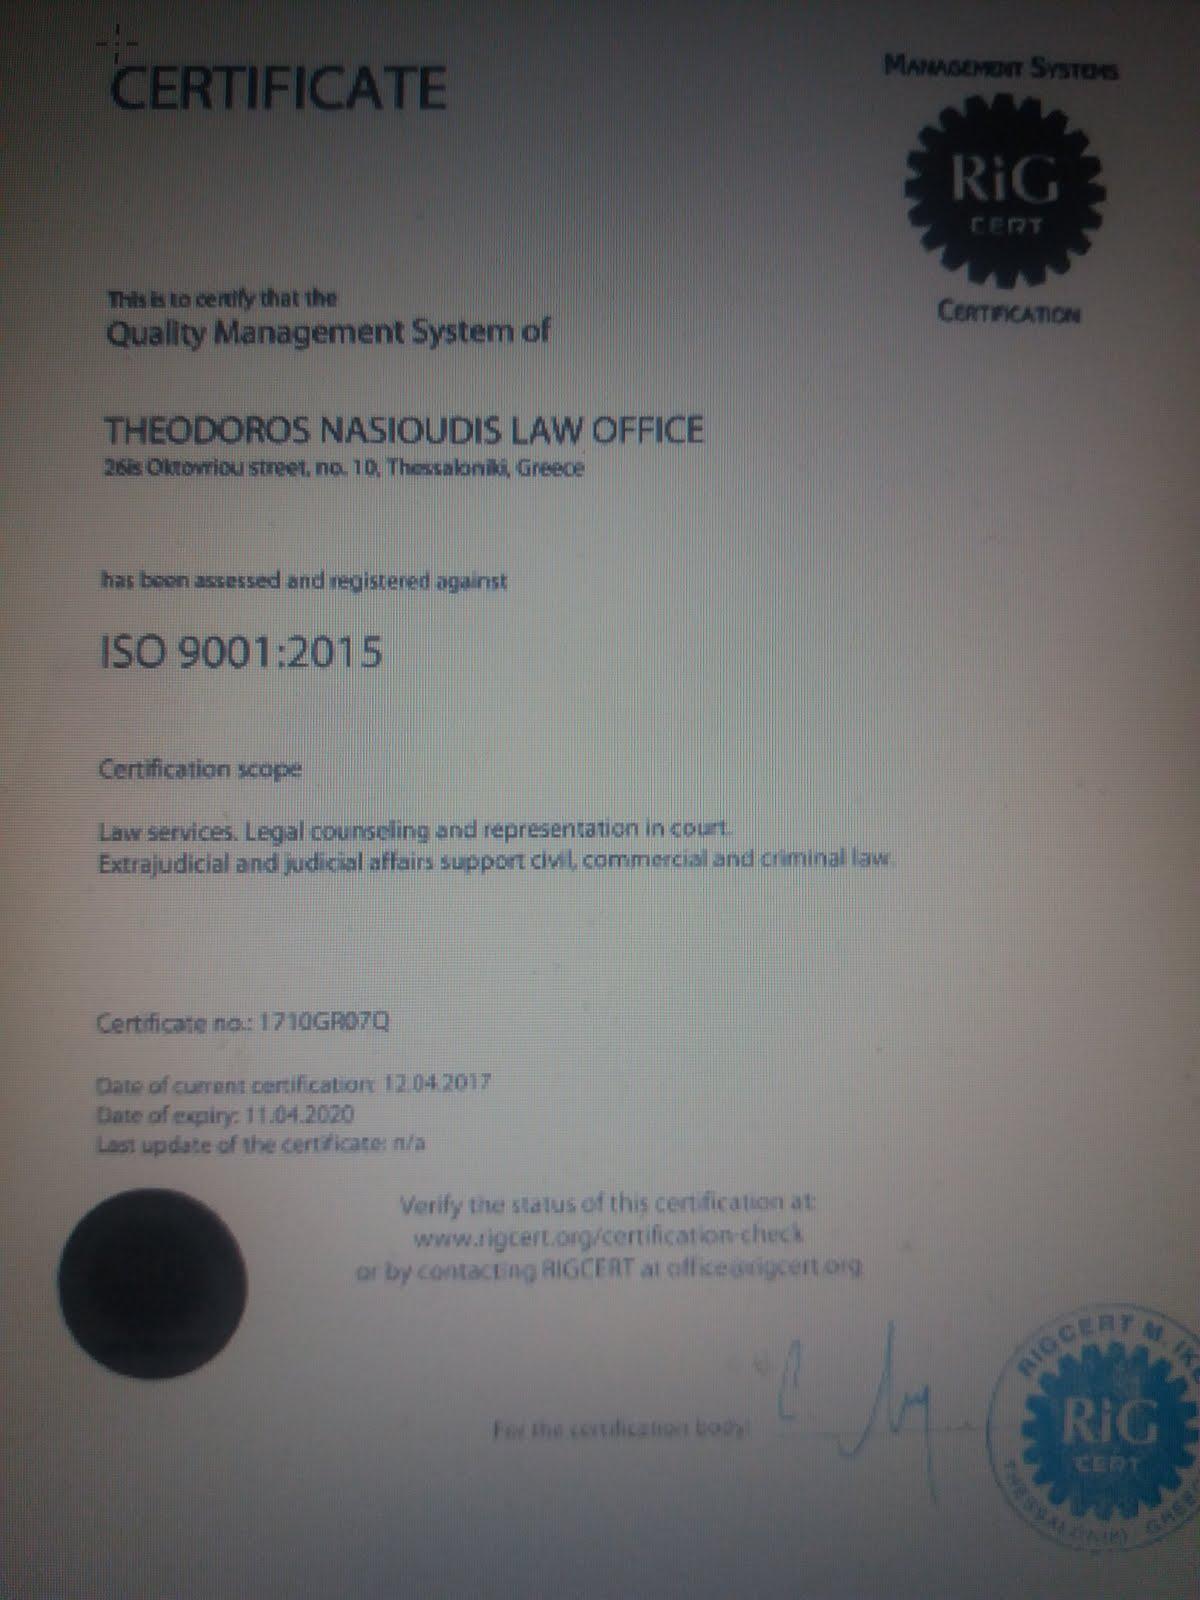 Rigcert iso certification